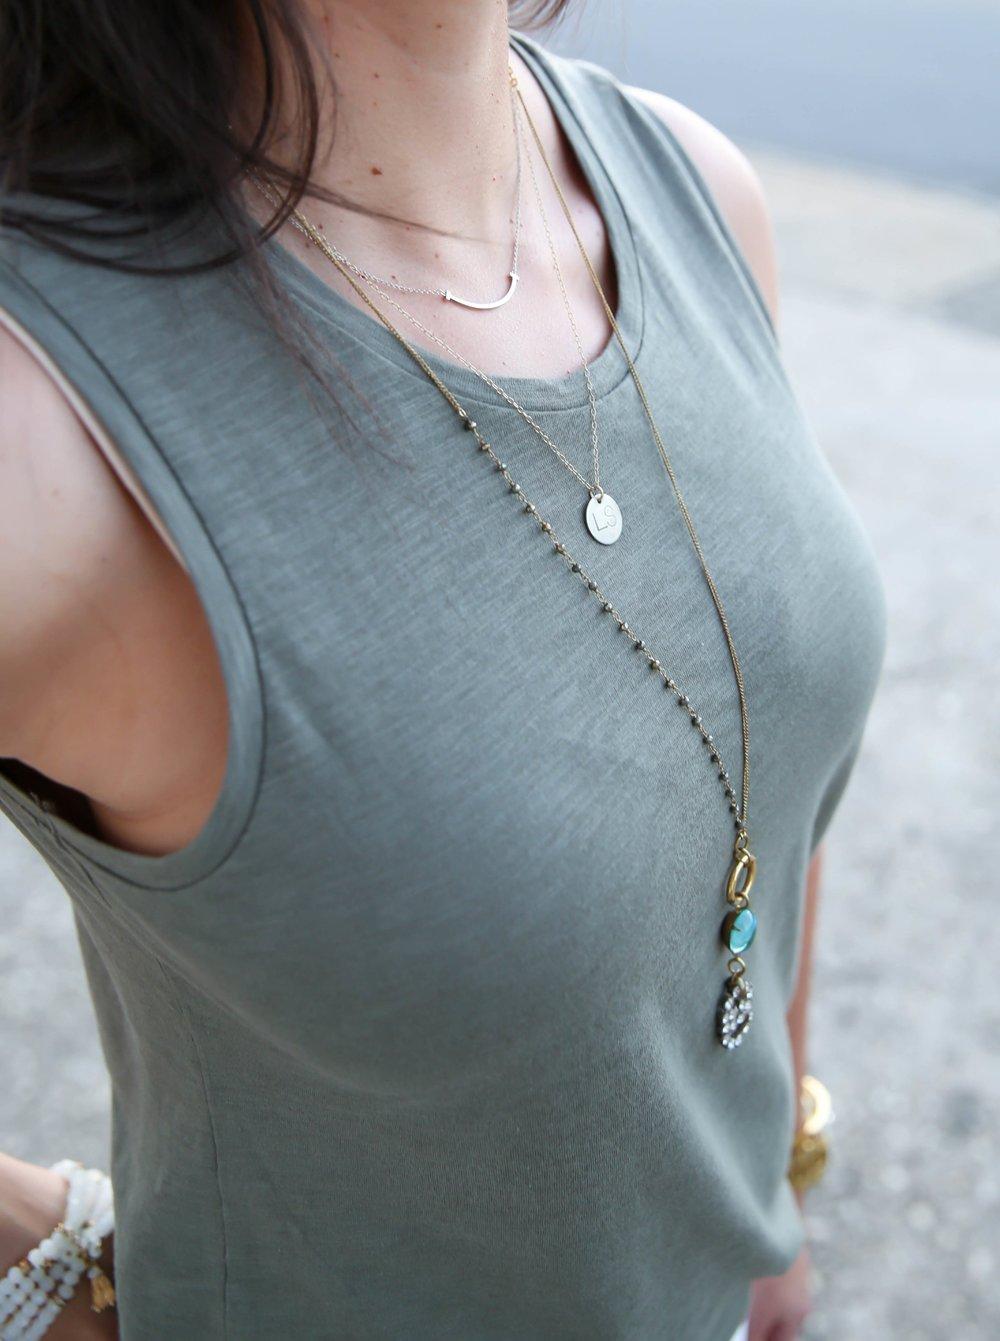 layered-necklaces-lauren-schwaiger-style-blog.jpg